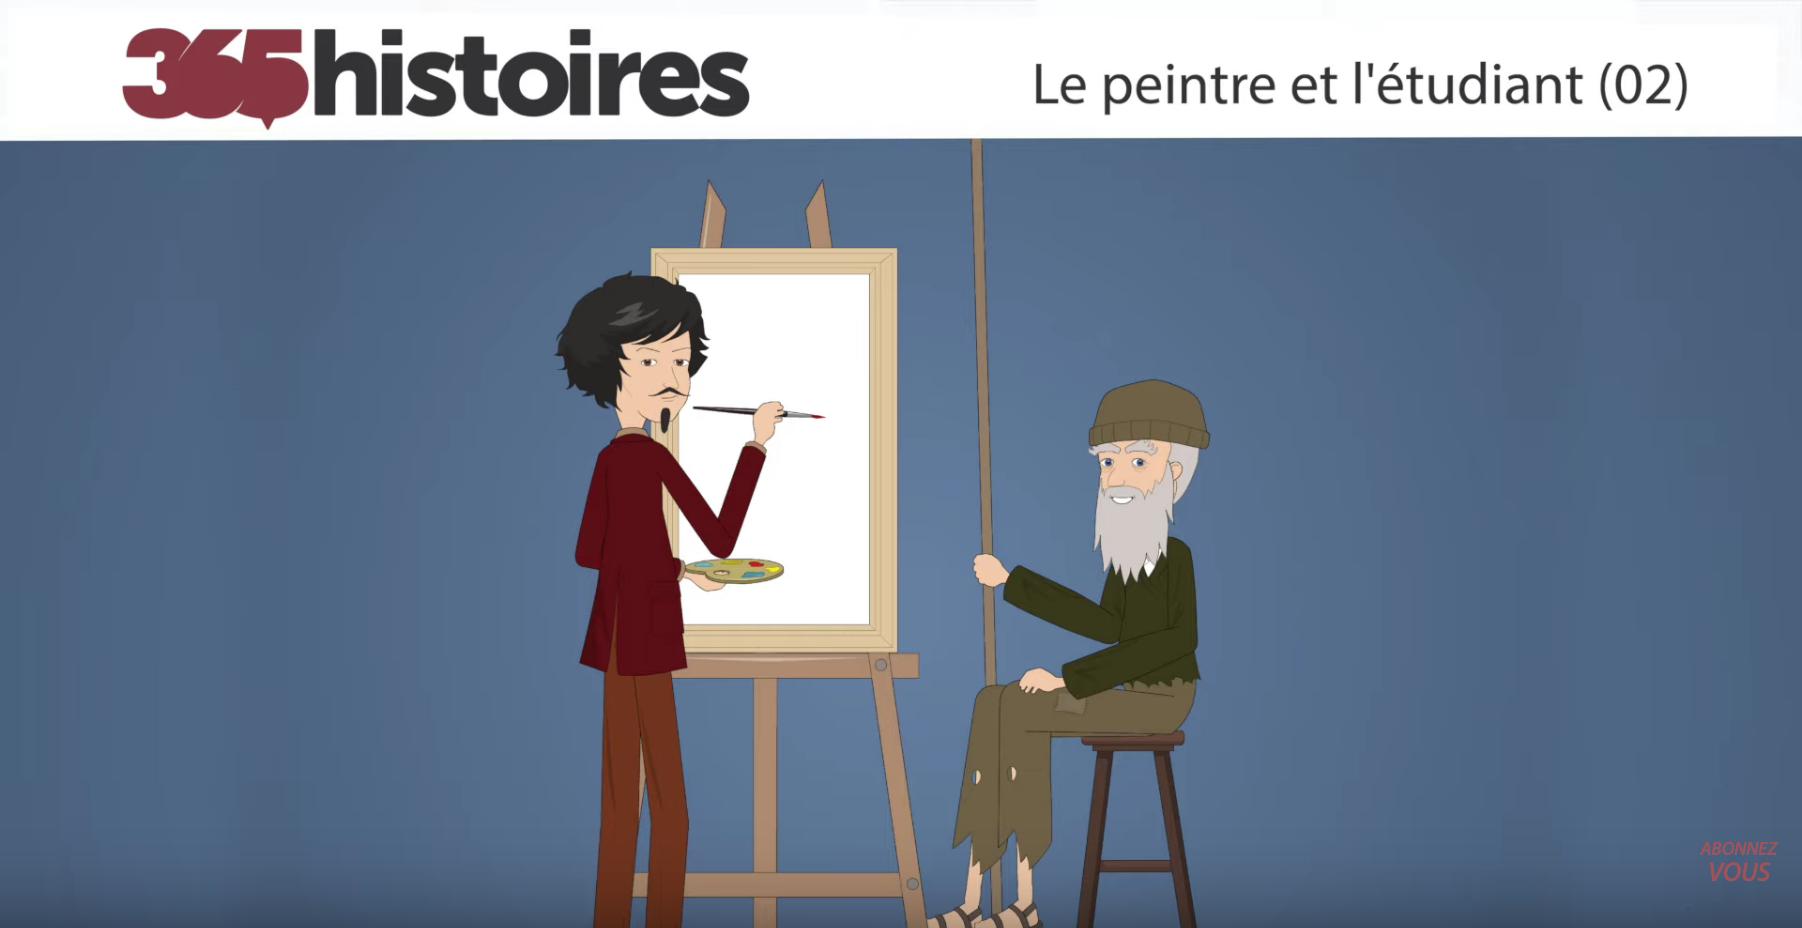 Le peintre et l'étudiant